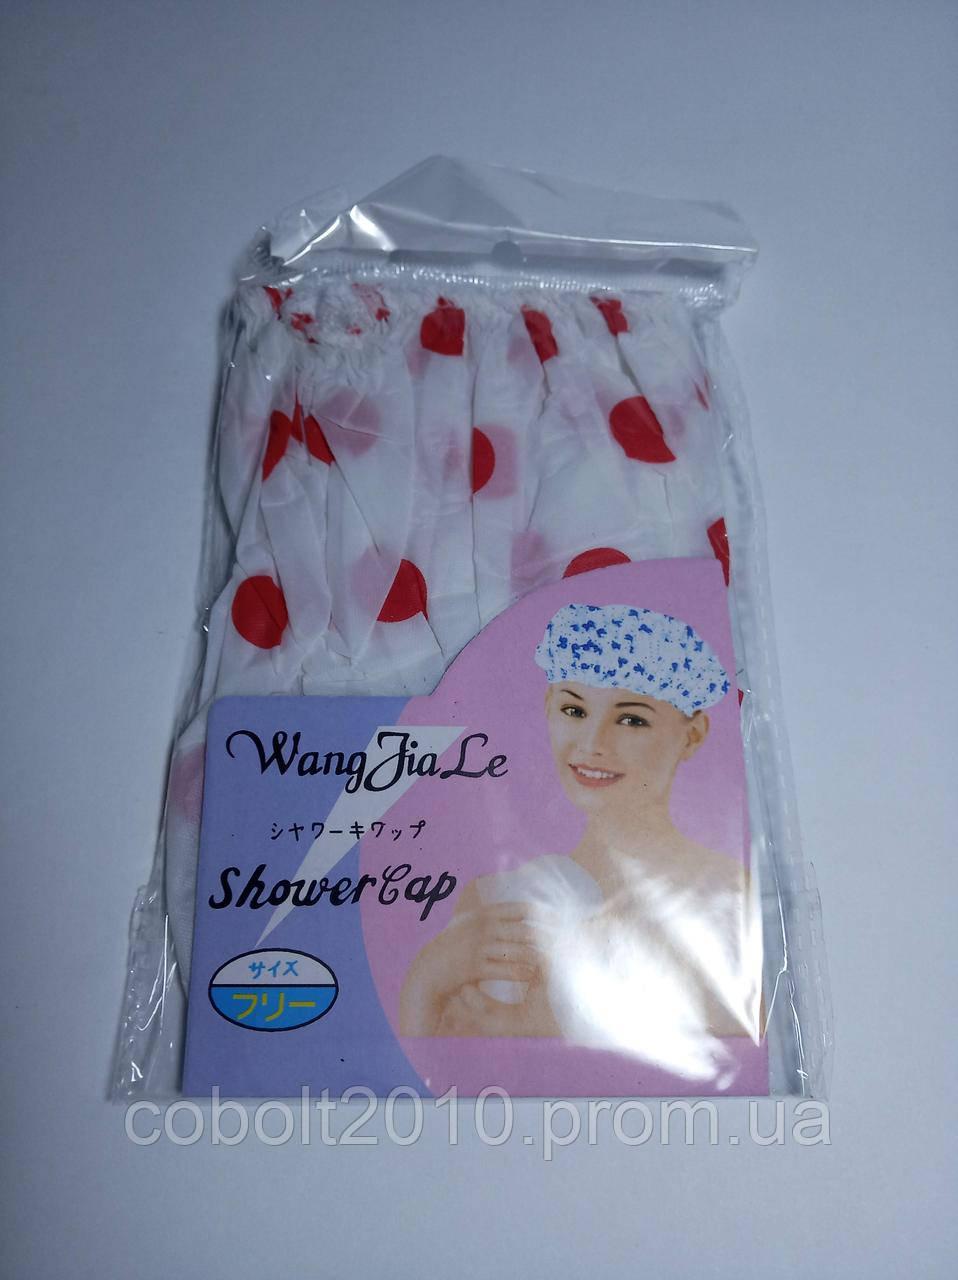 Шапка для душа ShowerCap (полиэтиленовая)